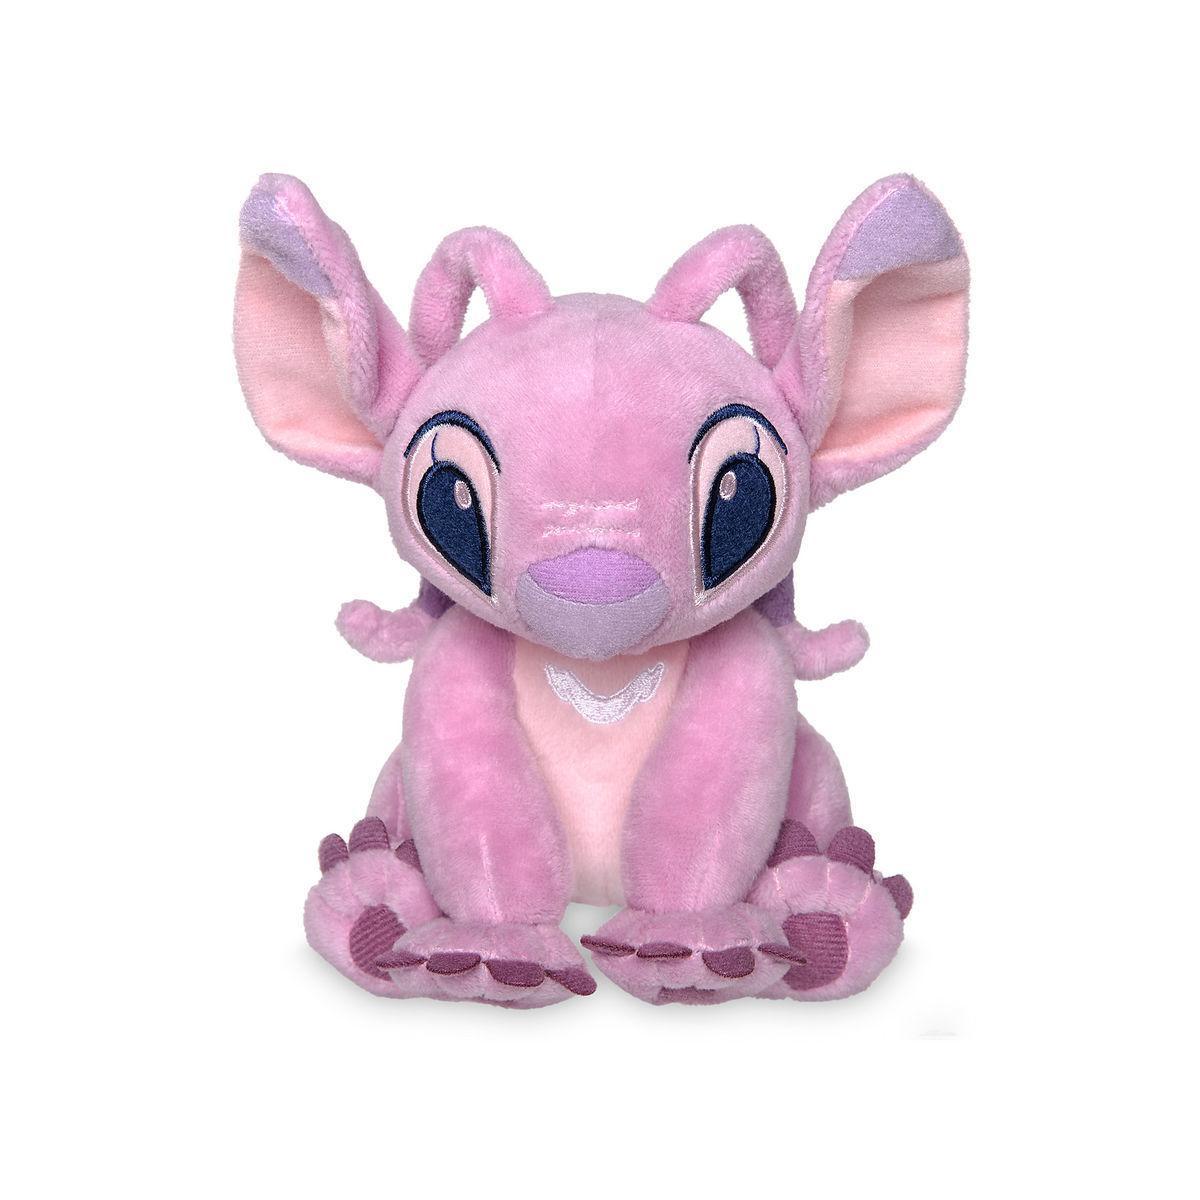 Disney Мягкая игрушка Ангел - Лило и Стич, 15см